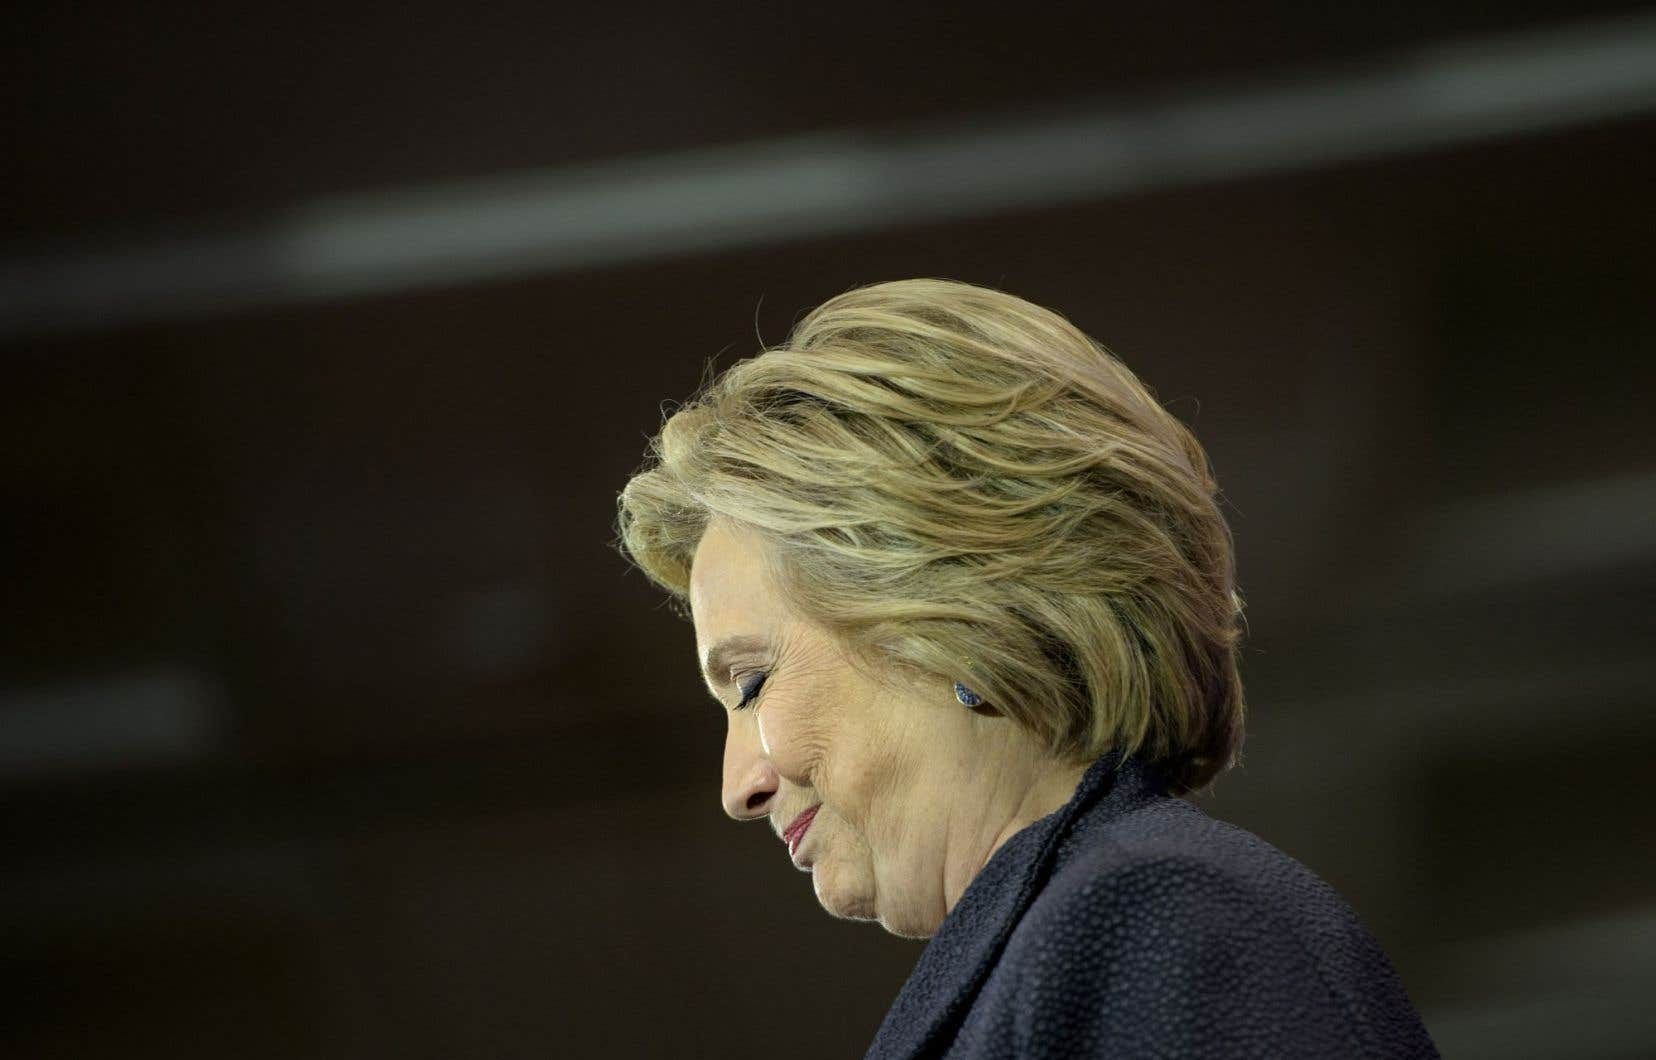 La planète médiatique américaine a abondamment traité la question du malaise d'Hillary Clinton cette semaine, se demandant si son état de santé actuel lui permettrait d'assumer la présidence.